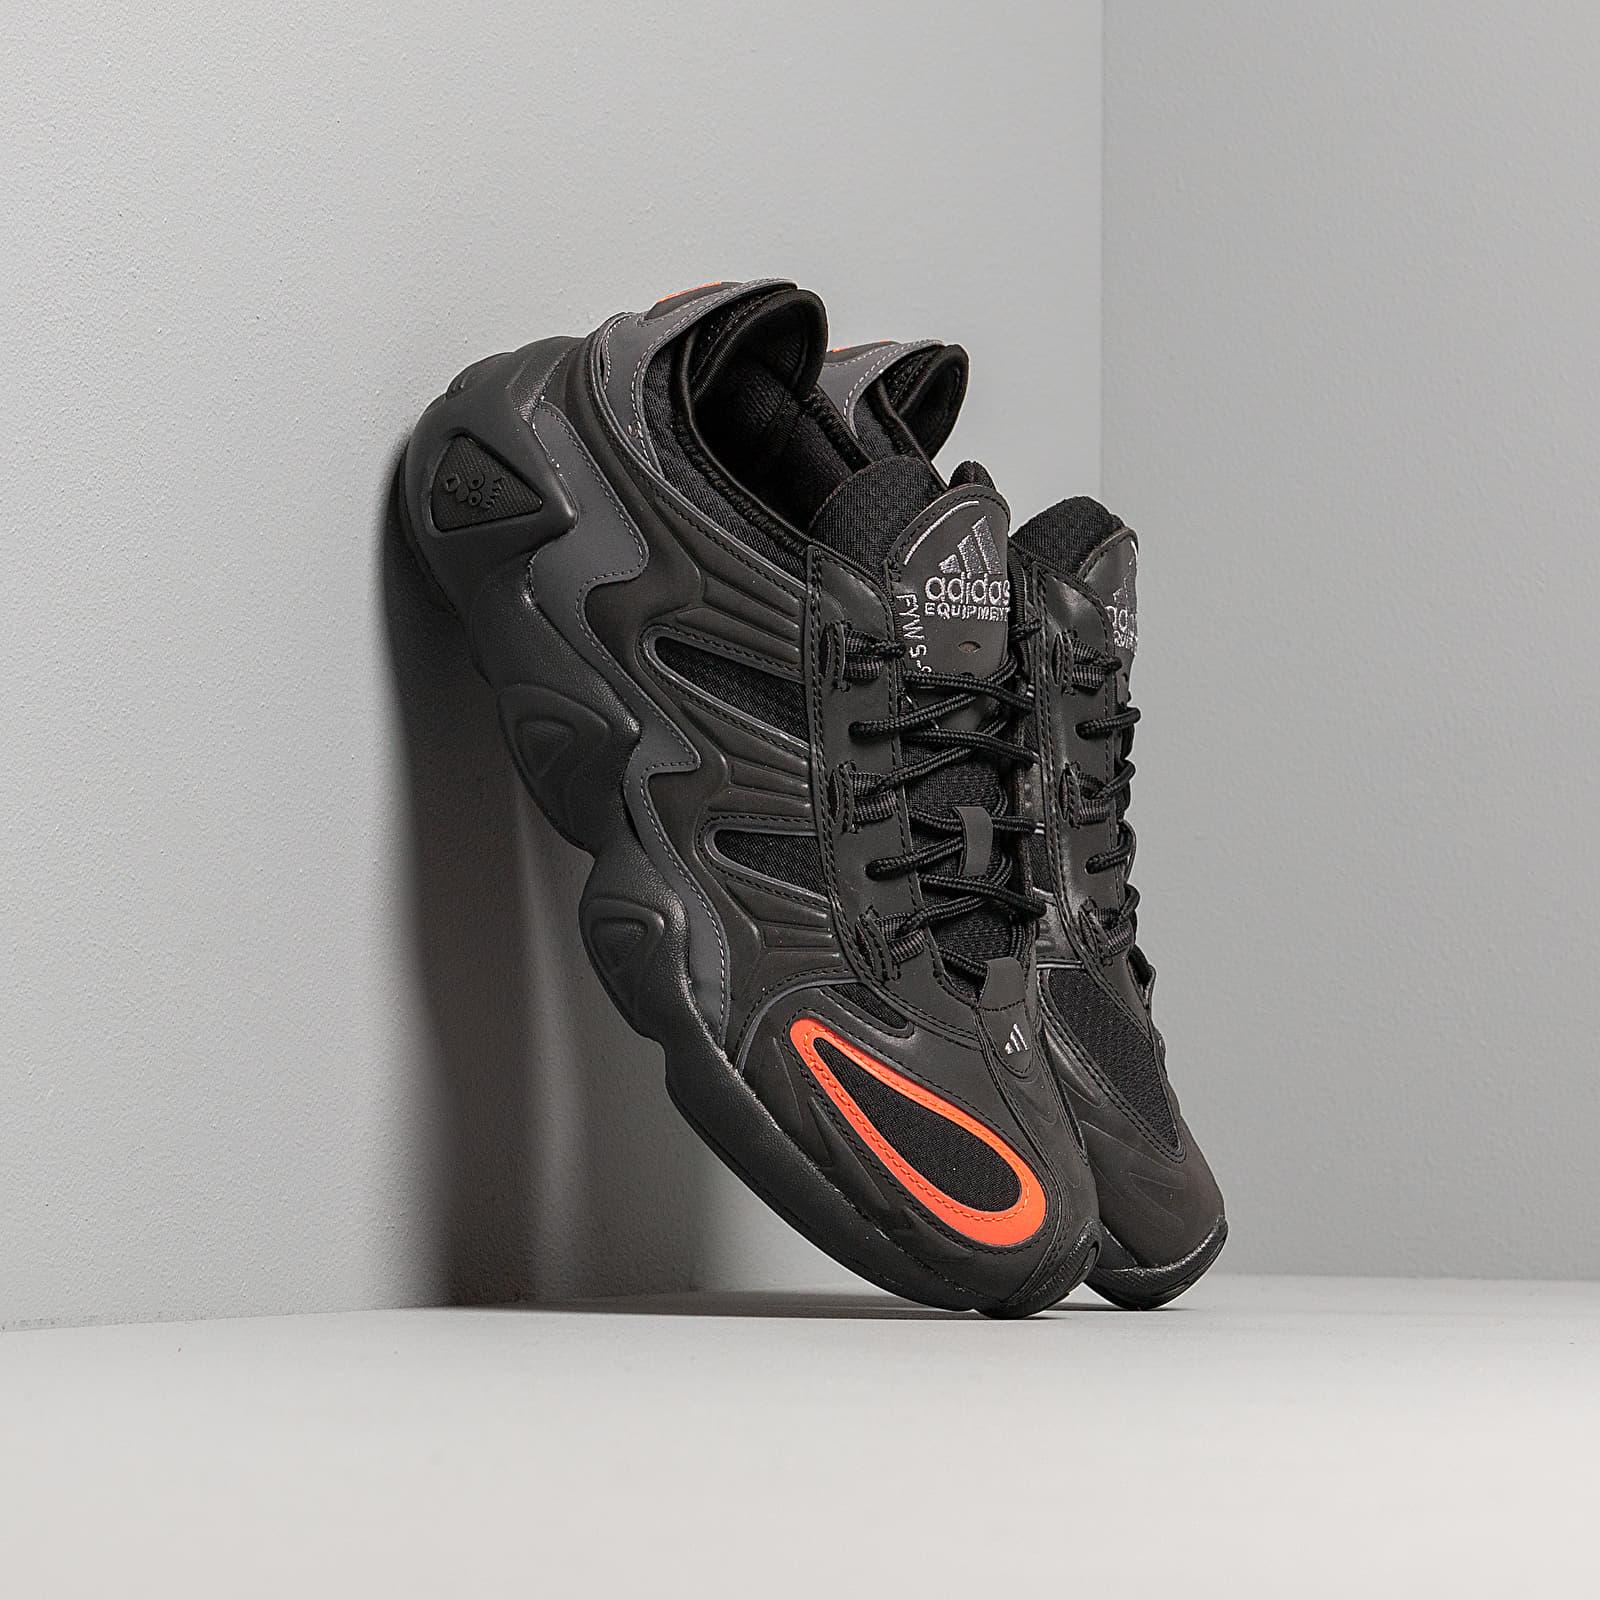 Men's shoes adidas FYW S-97 Core Black/ Core Black/ Solar Red